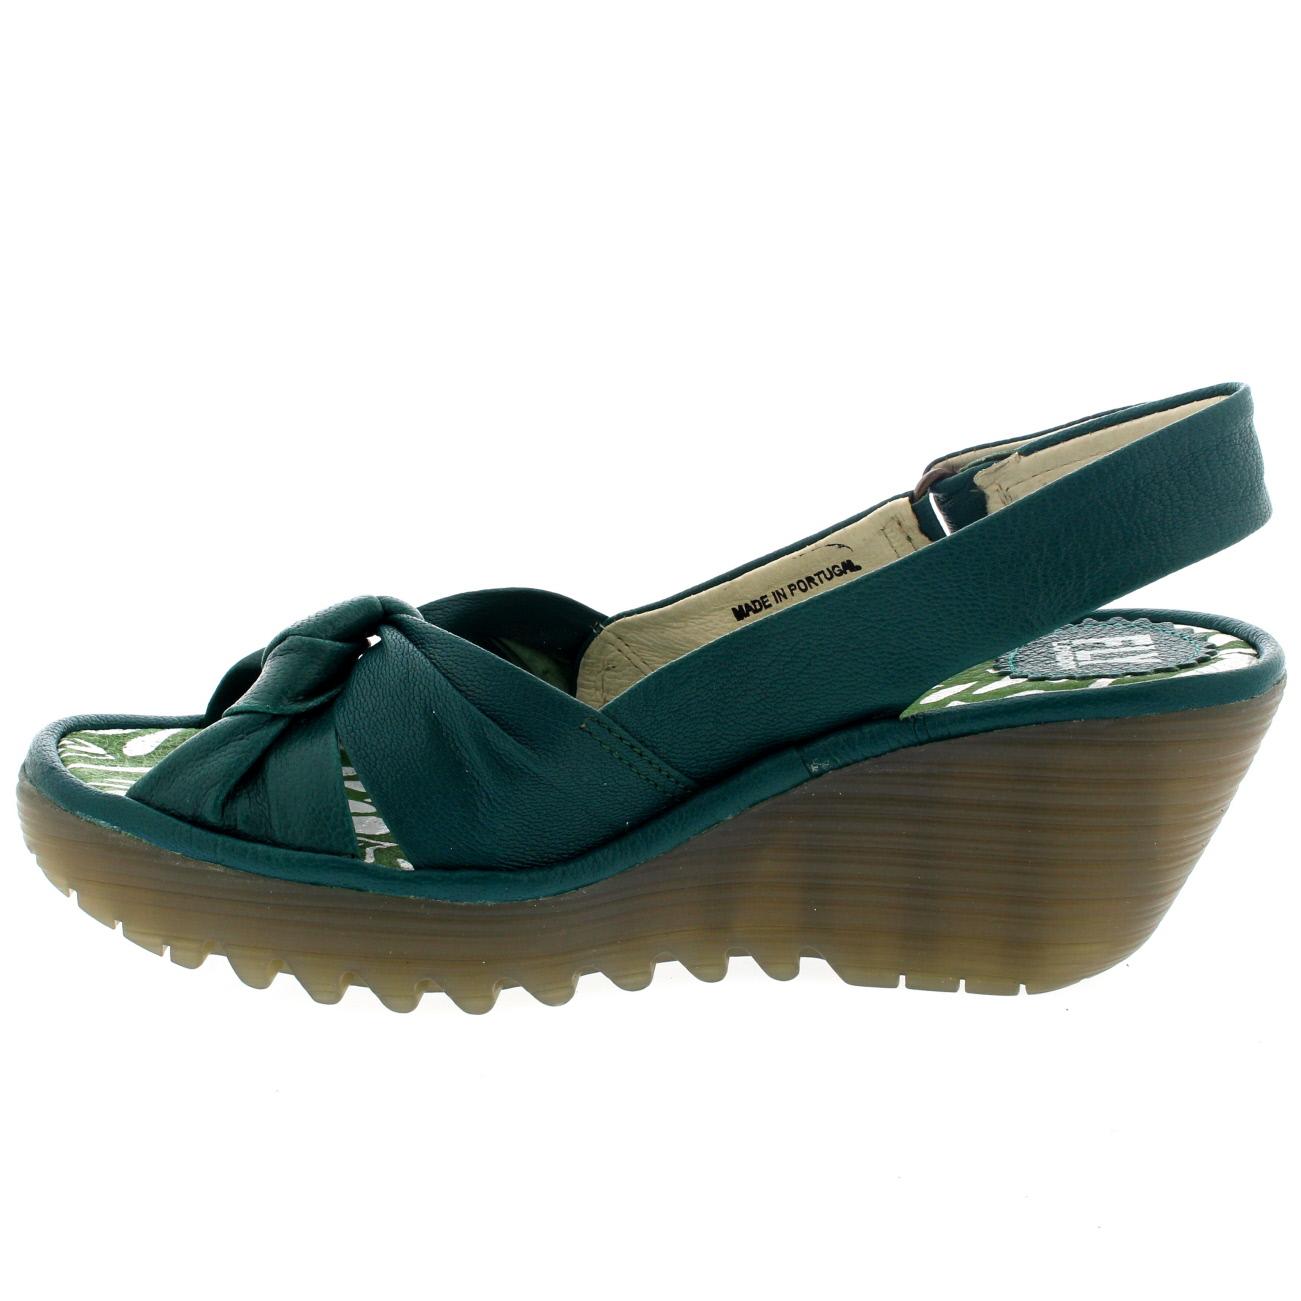 Damenschuhe Fly London Yman Mousse Wedge Heel Platform Leder Sandales UK 3-8